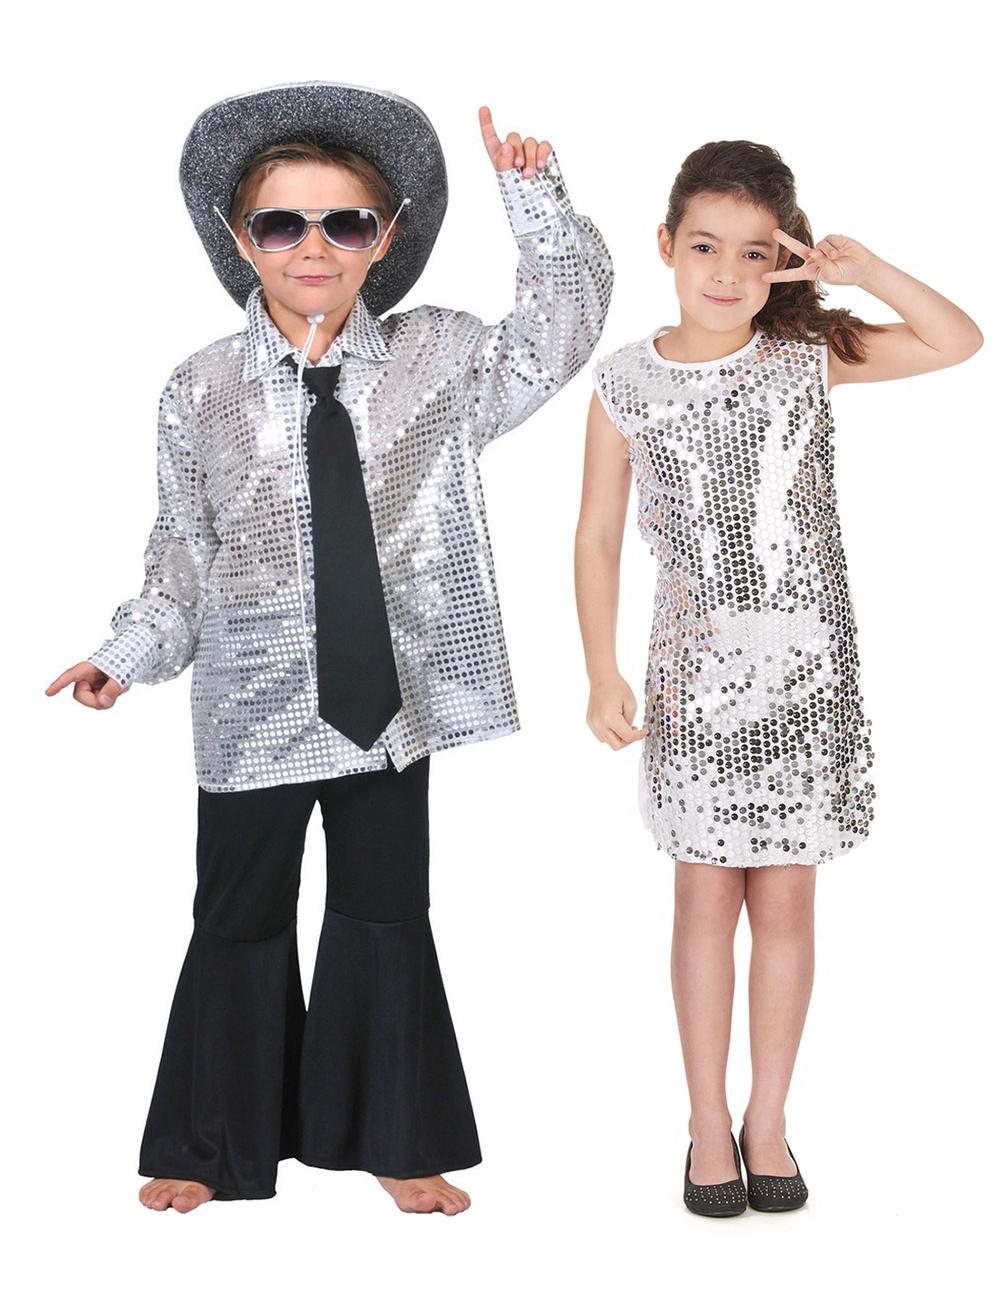 Costume coppia disco color argento bambini Costume coppia disco color  argento bambini. Costumi Carnevale coppia Costumi Carnevale coppia. Braccio  di ferro e ... d2d9652ad0a